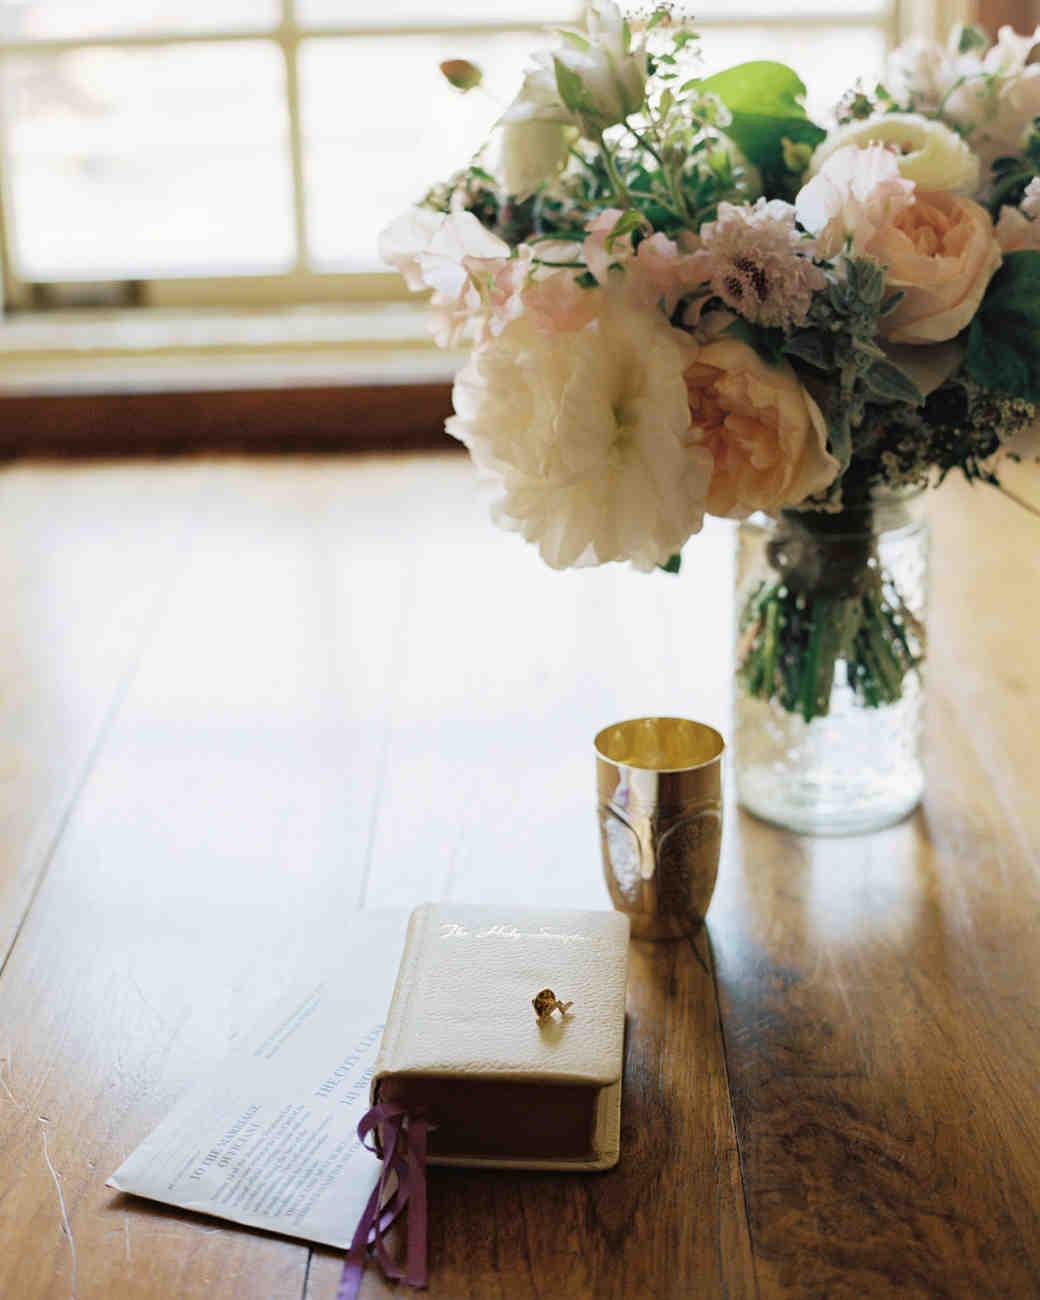 sydney-christina-wedding-ceremony-014-s111743-0115.jpg